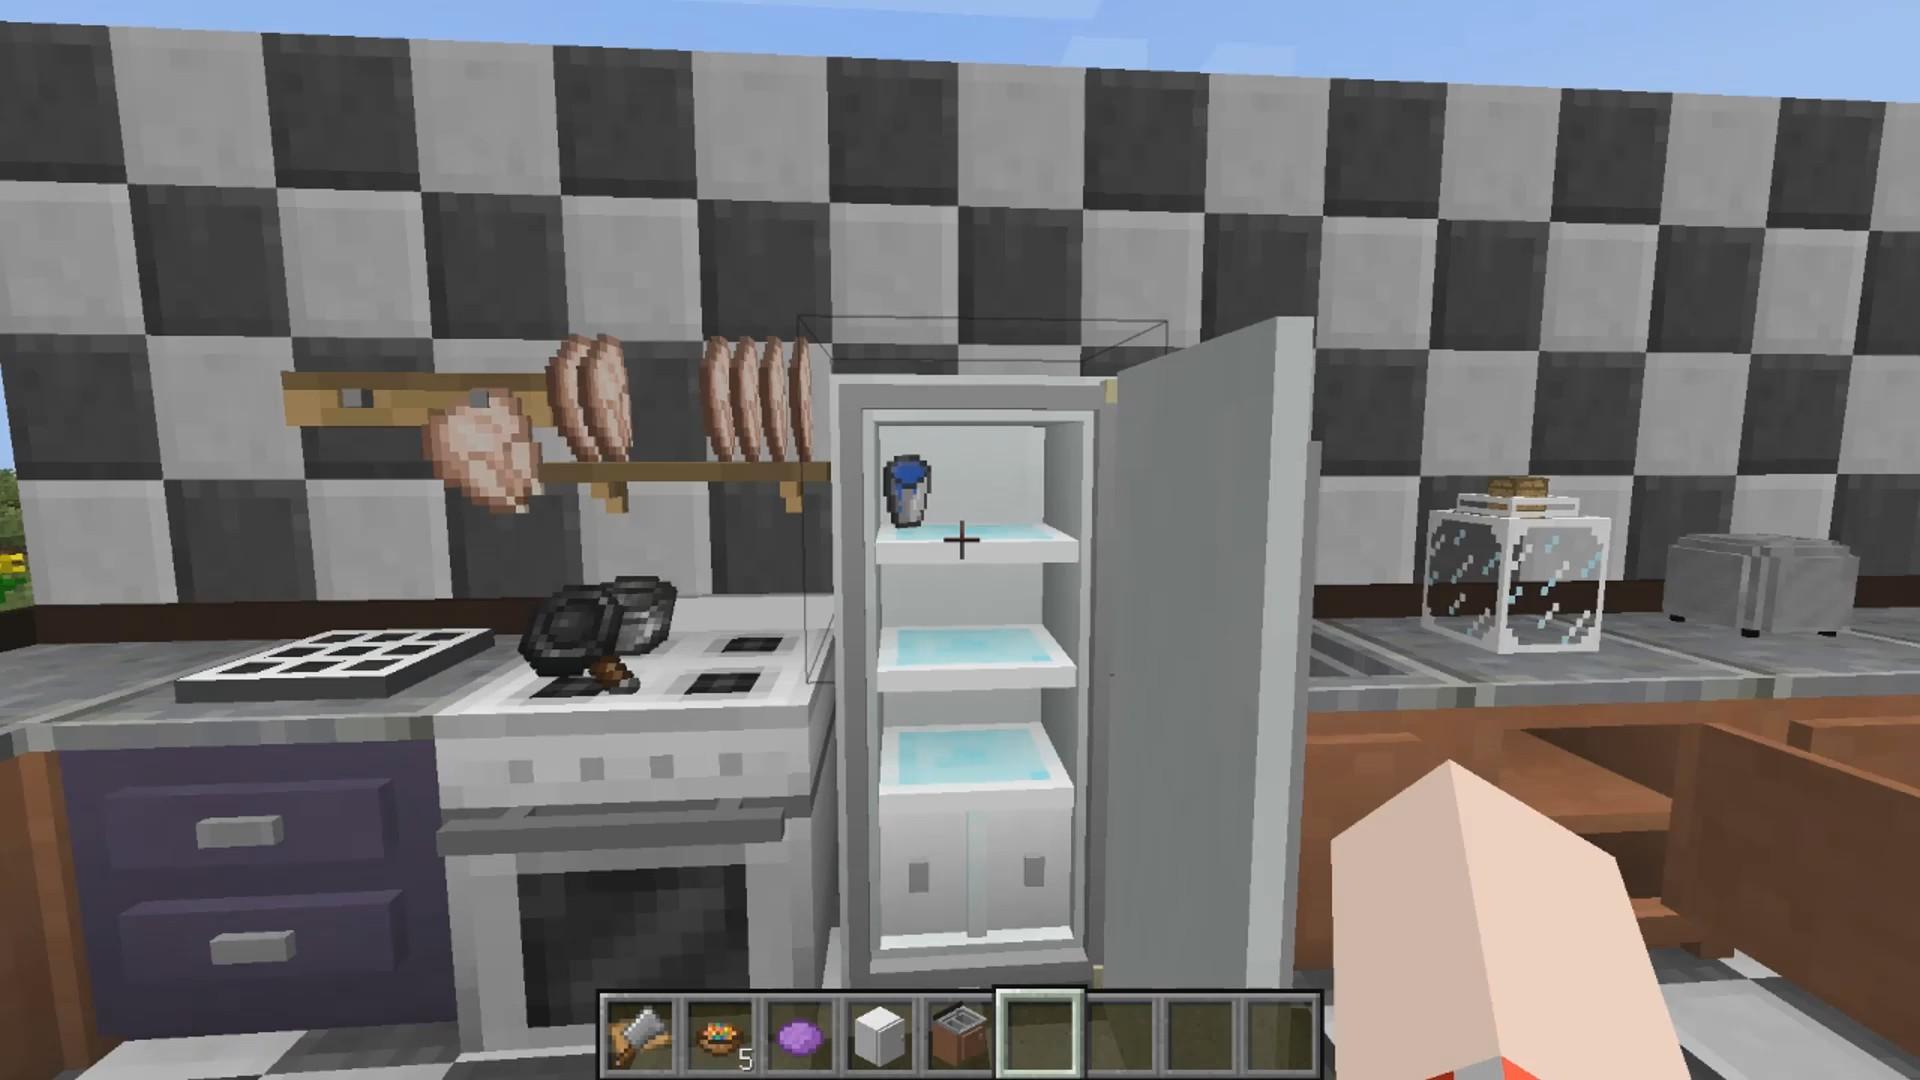 Мод на кухню - скриншот 1